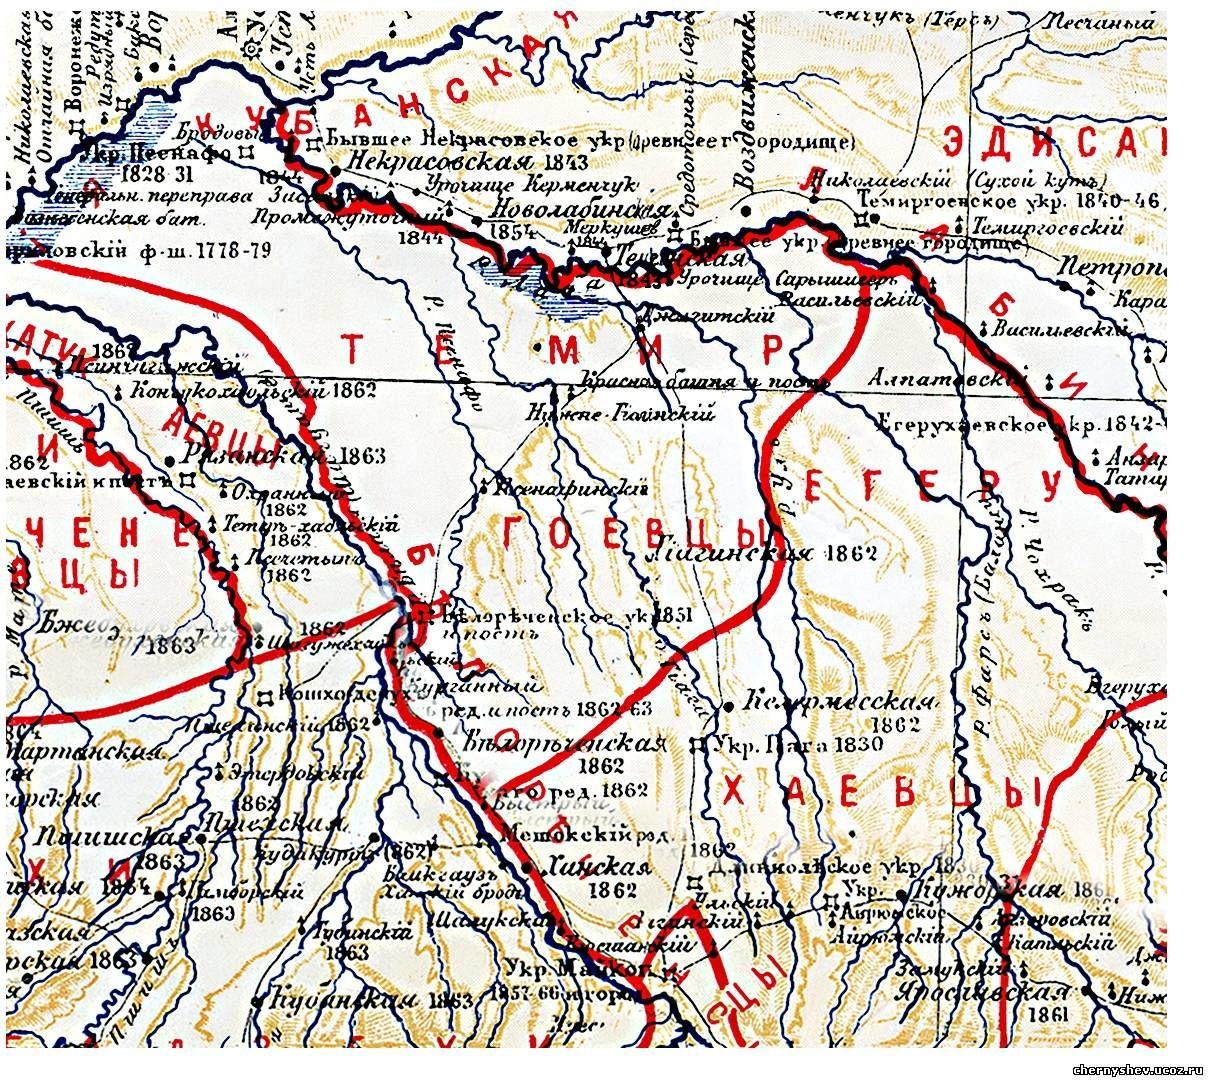 Военно-историческая карта Северо-Западного Кавказа ©Автор Е.Д. Фелицын, 1899 год